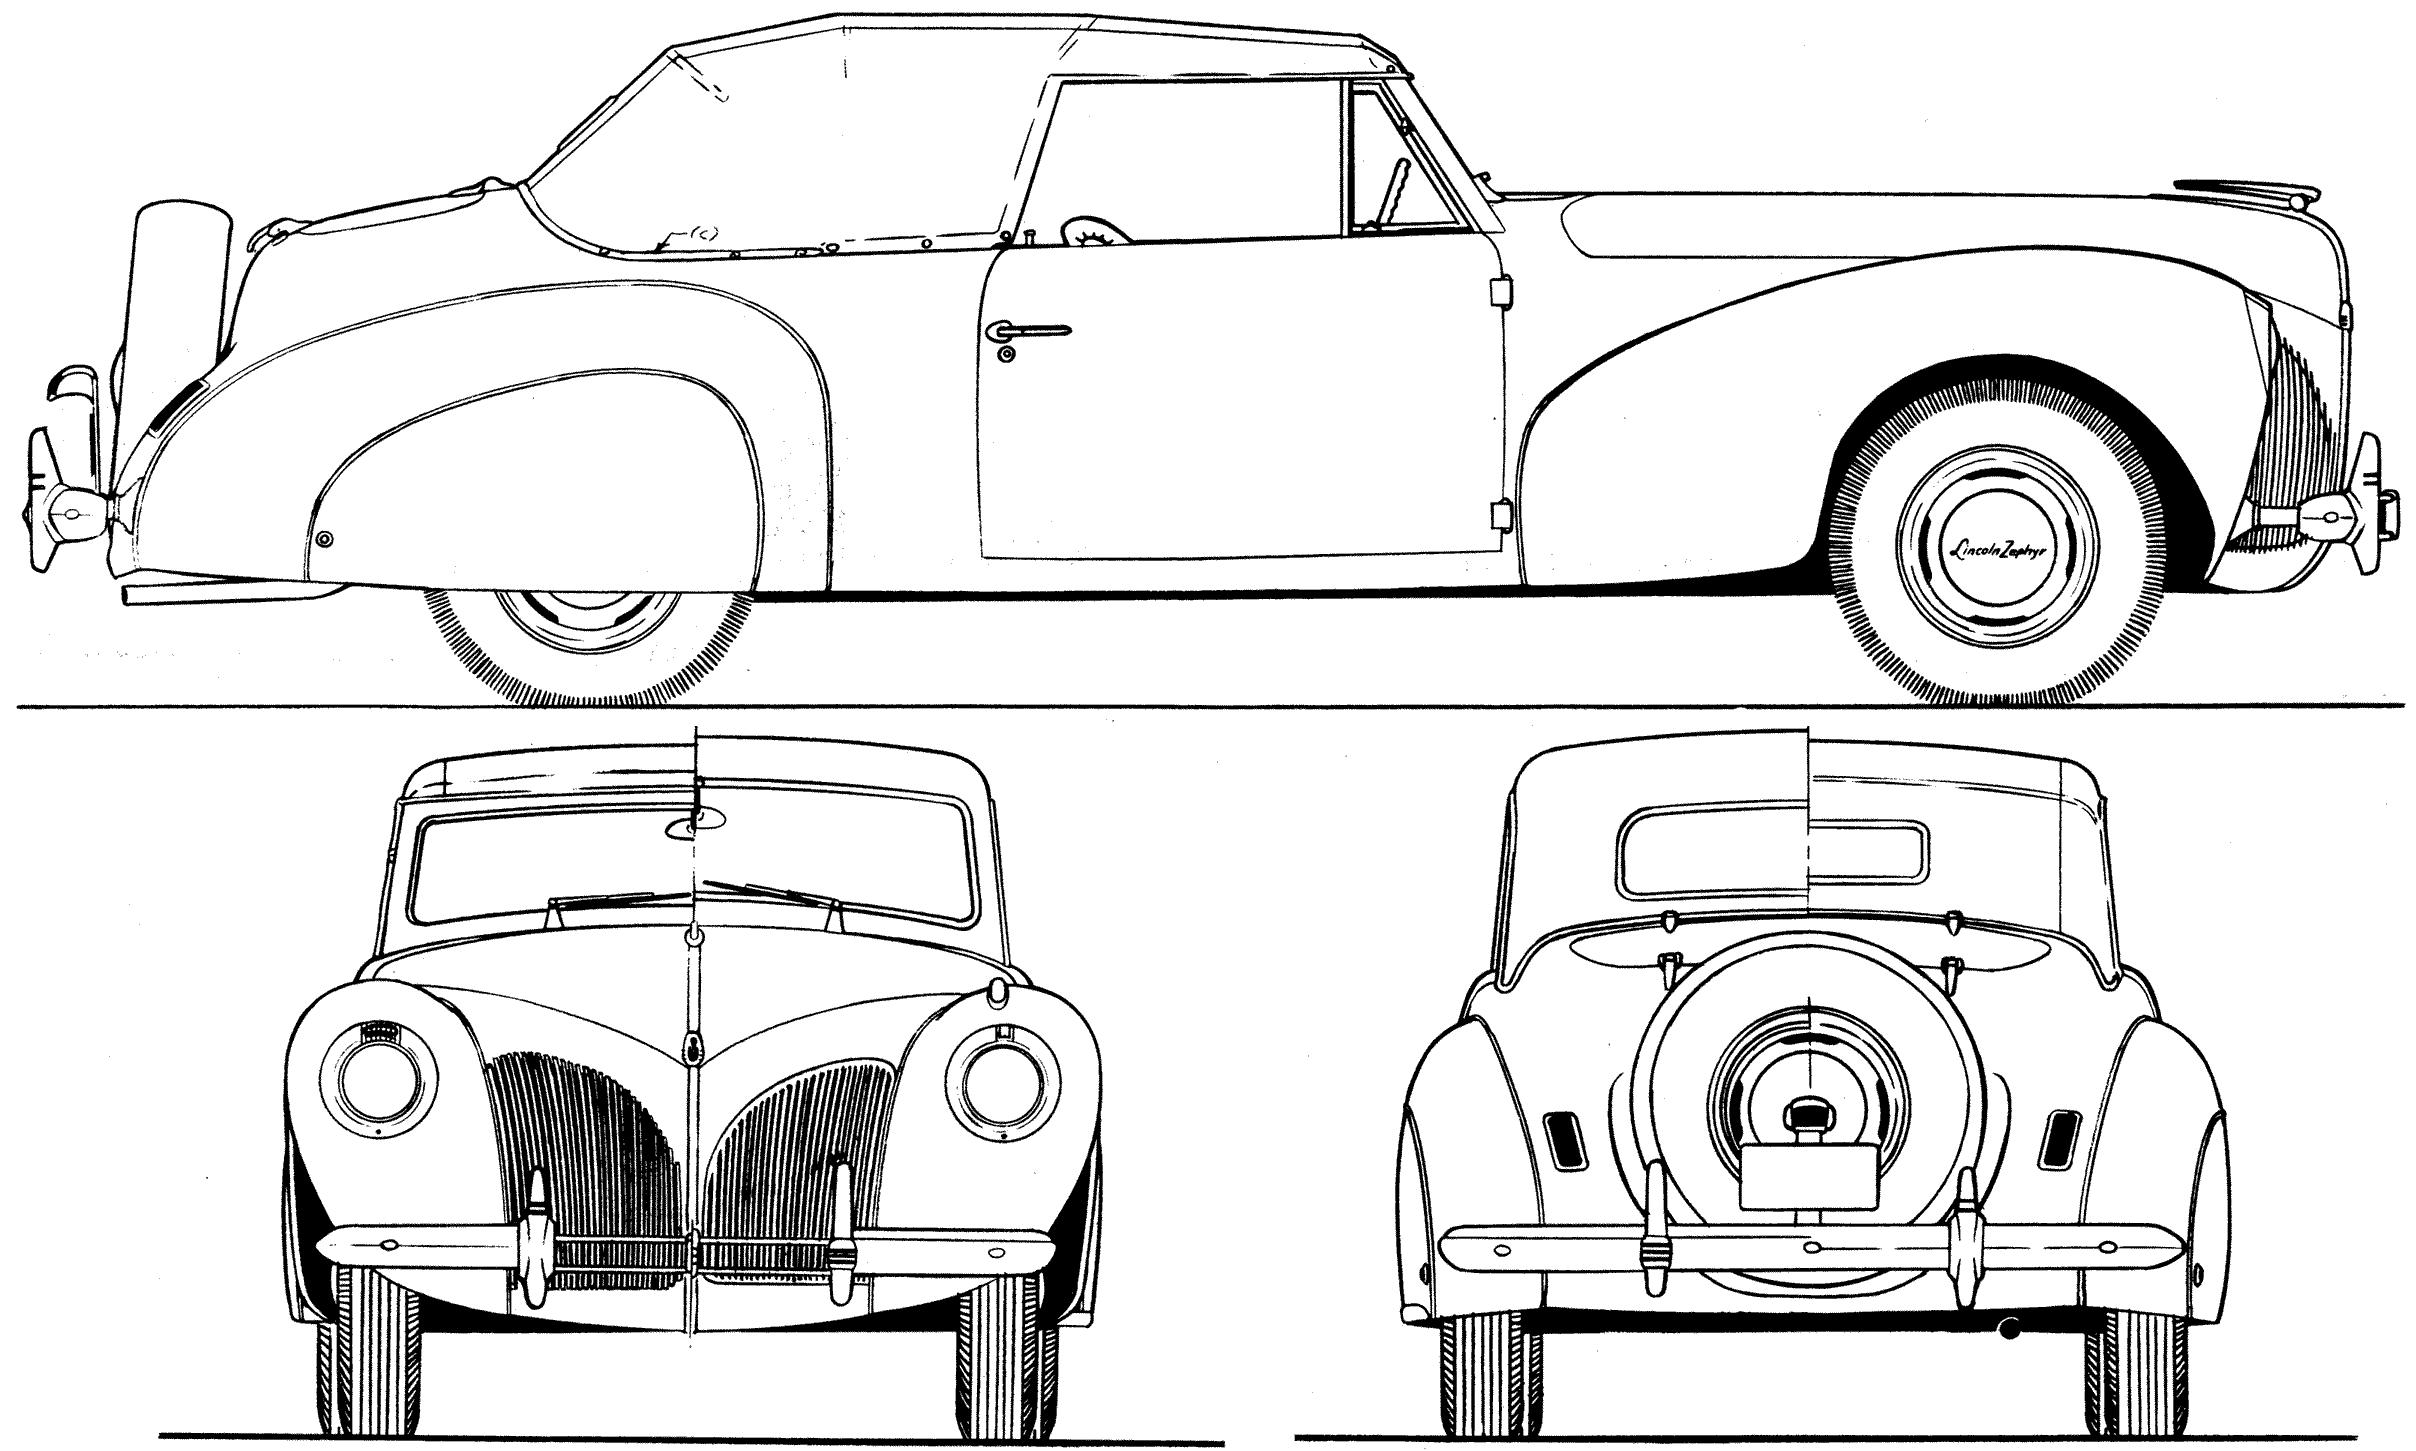 Lincoln Zephyr V12 1940 Blueprint Download Free